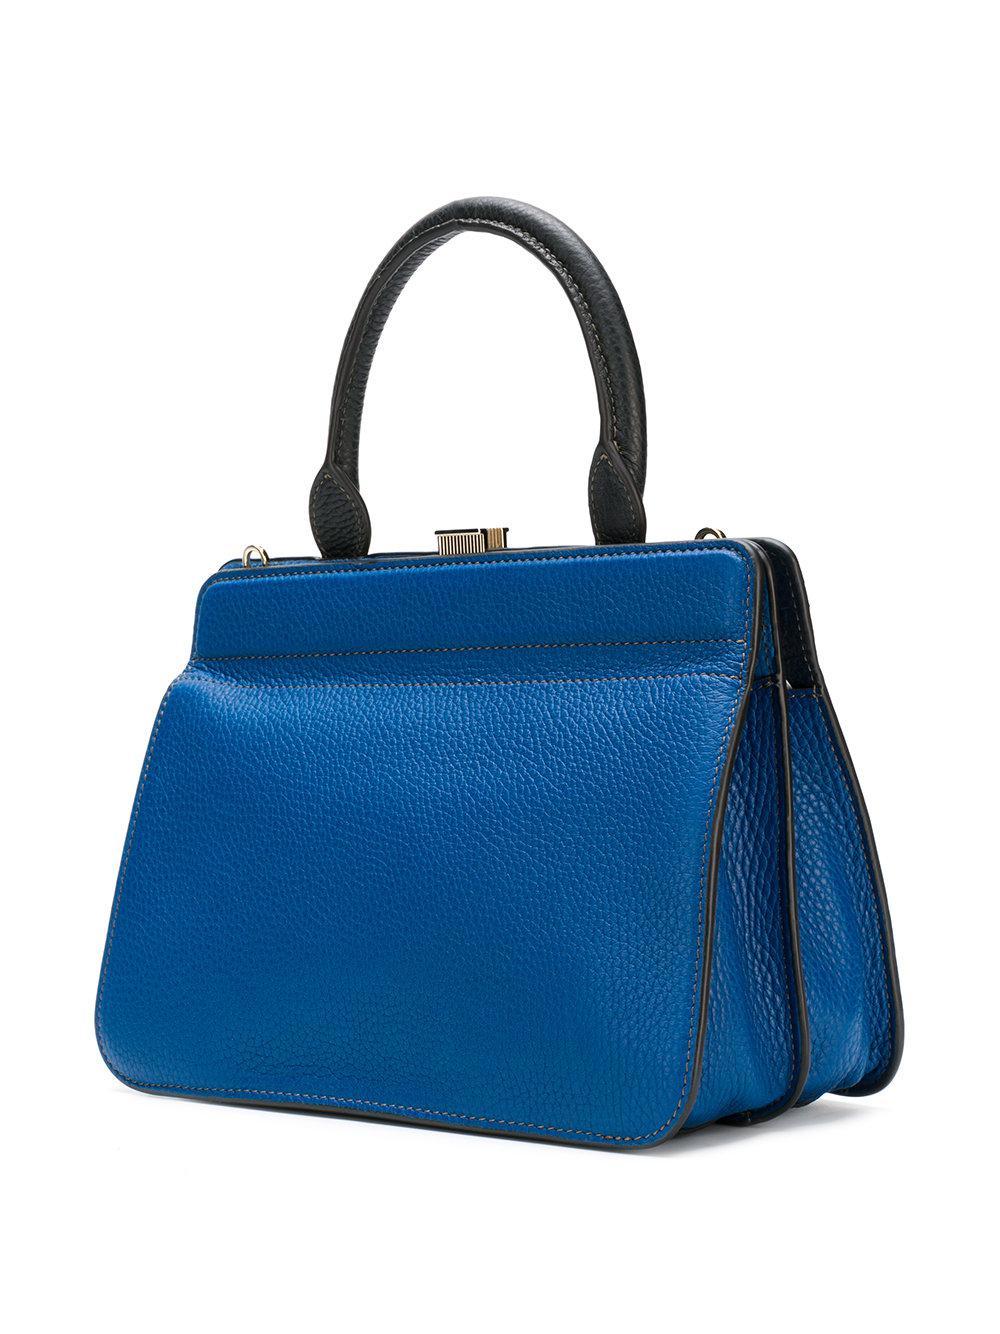 En Mirage Furla Lyst Cabas Sac Bleu Coloris nAqFZpF